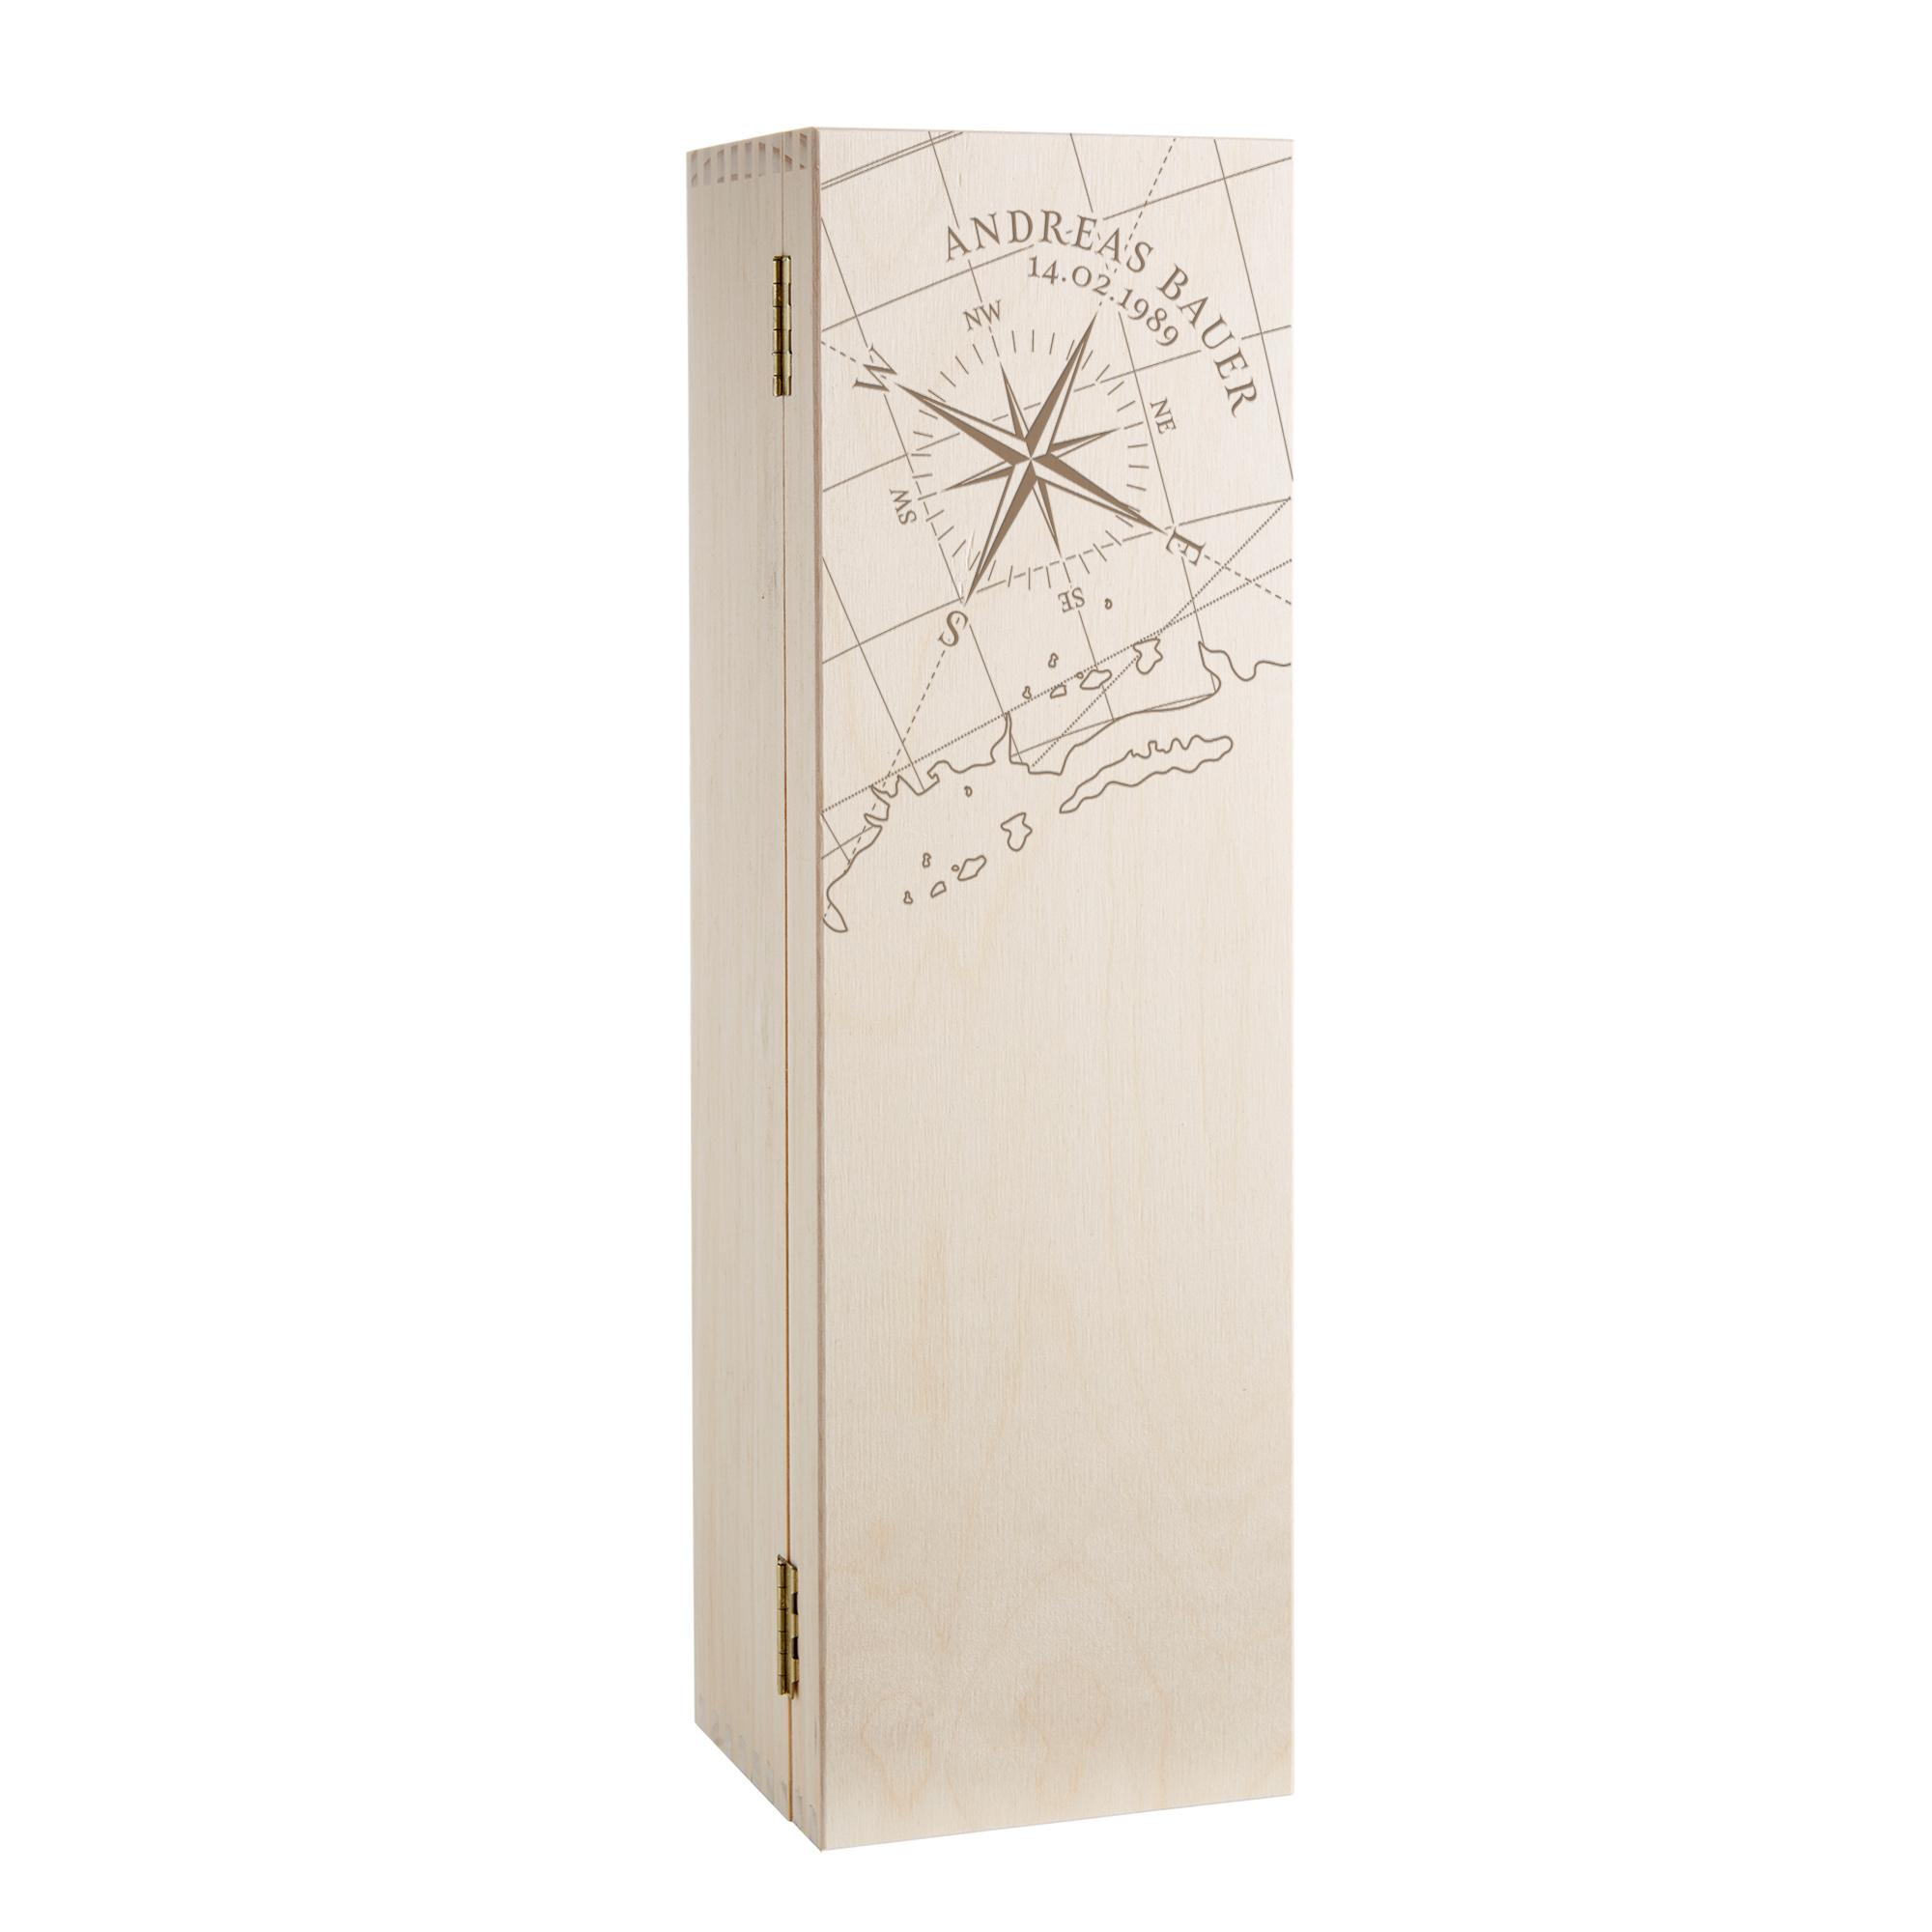 Weinkiste mit Kompass-Gravur - Personalisiert